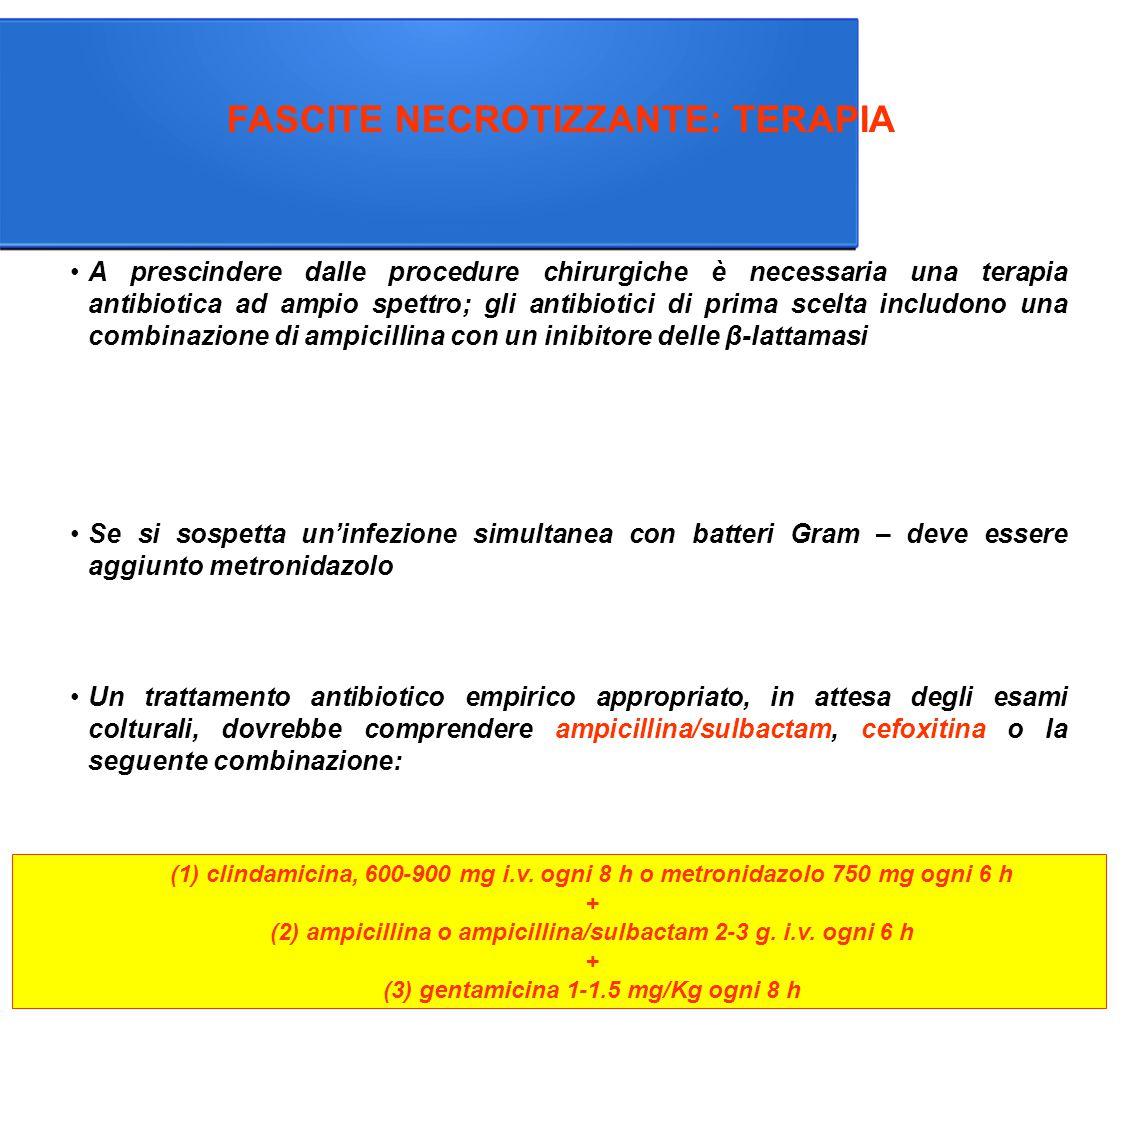 FASCITE NECROTIZZANTE: TERAPIA Un trattamento antibiotico empirico appropriato, in attesa degli esami colturali, dovrebbe comprendere ampicillina/sulbactam, cefoxitina o la seguente combinazione: Se si sospetta un'infezione simultanea con batteri Gram – deve essere aggiunto metronidazolo (1) clindamicina, 600-900 mg i.v.